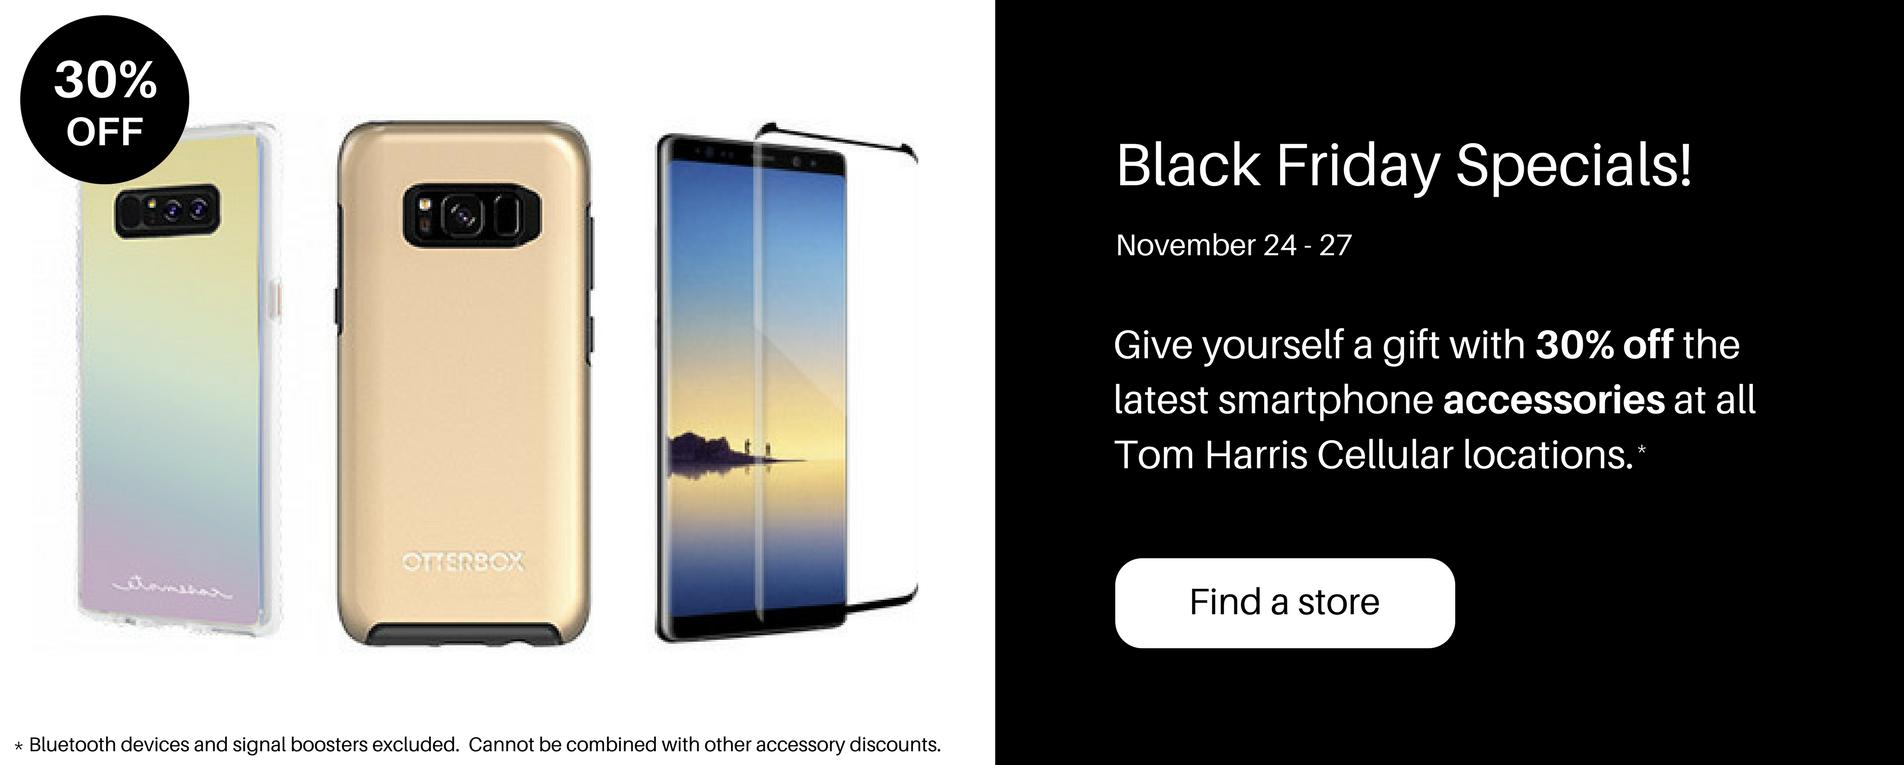 Black Friday at Tom Harris Cellular